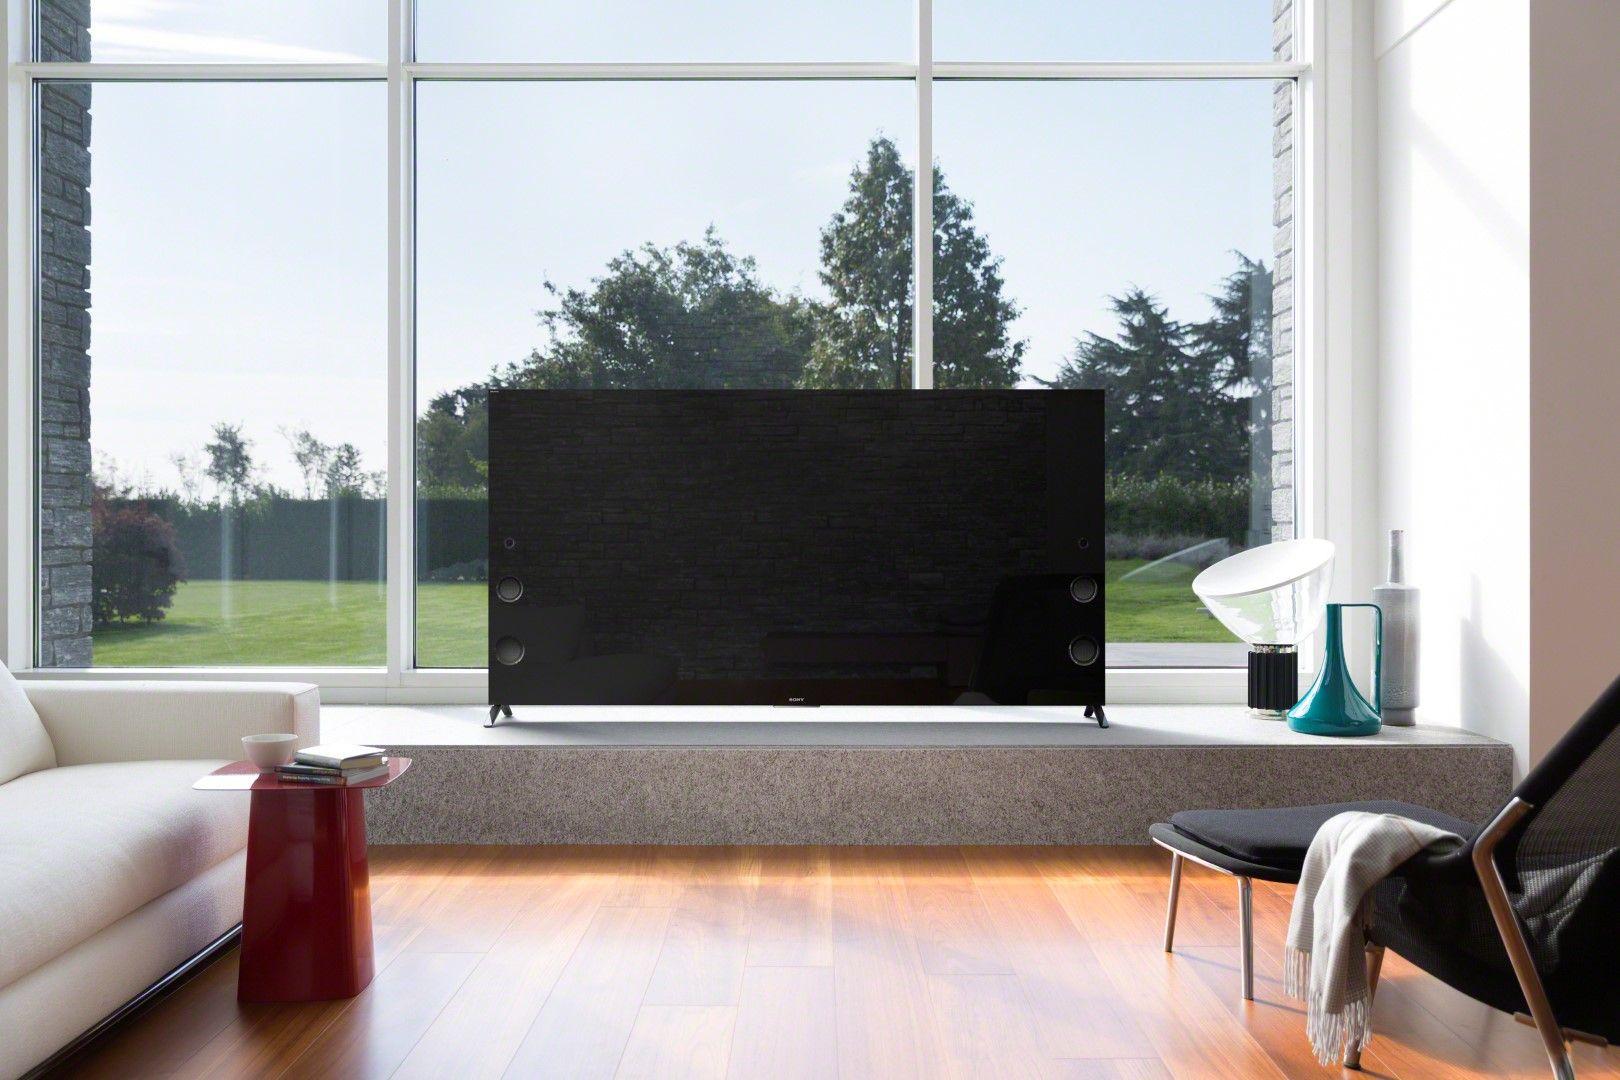 Welke Tv Kopen : Onze beste tips om een televisie te kopen